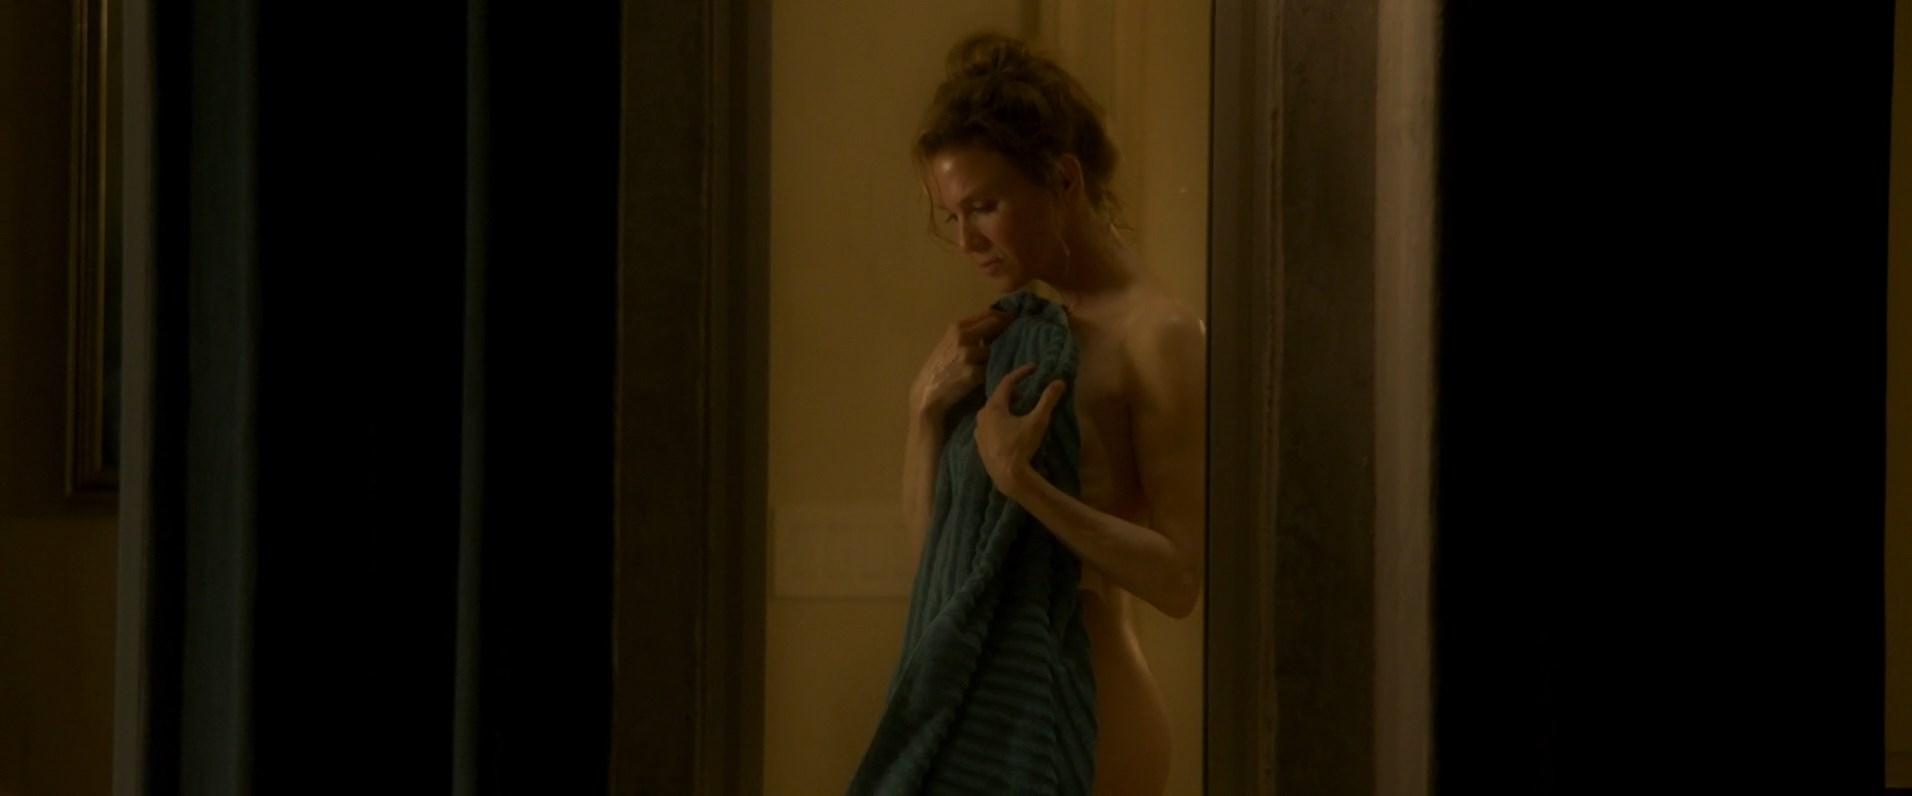 Bump Movie Actress Renee Zellweger Topless - Fappening Sauce-3055